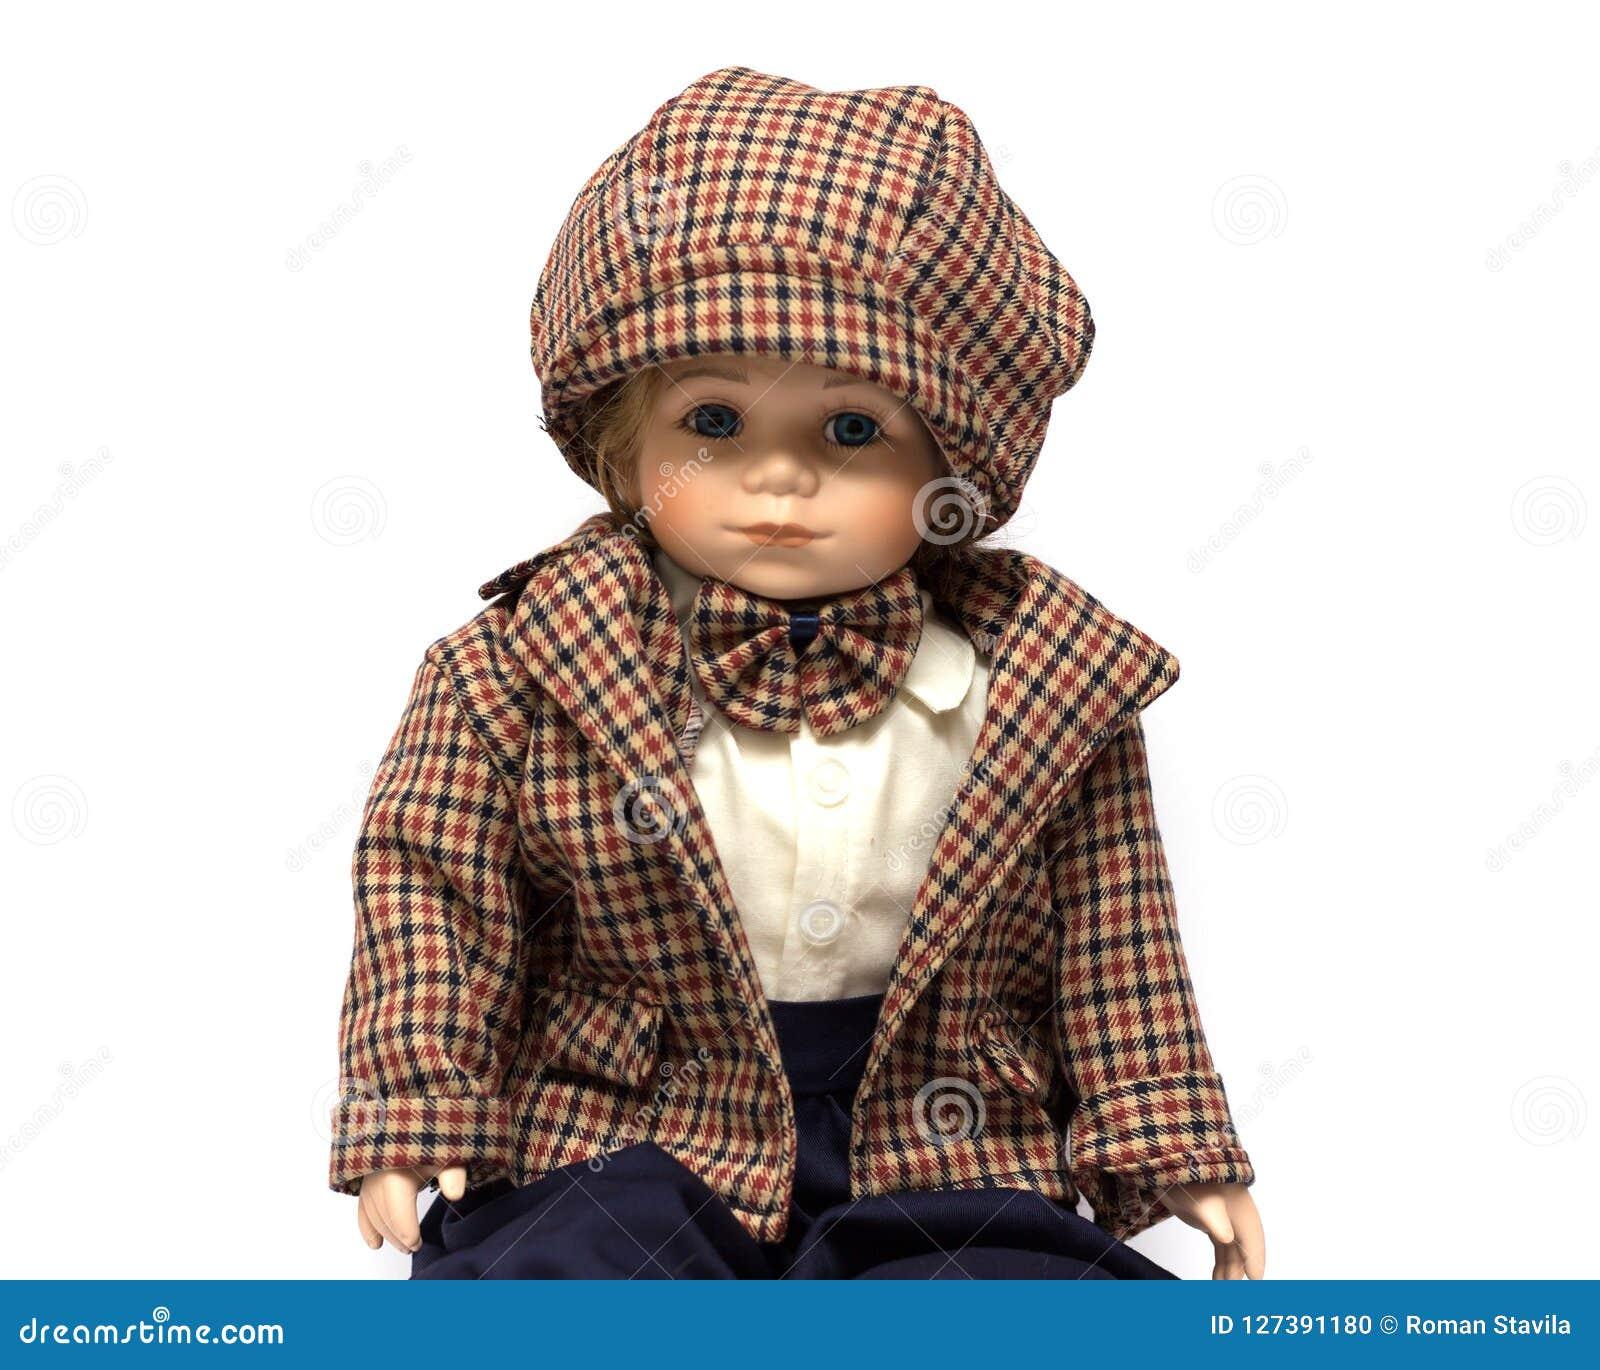 Muñeca hecha a mano del vintage de la porcelana de cerámica del muchacho moreno con el pelo rizado